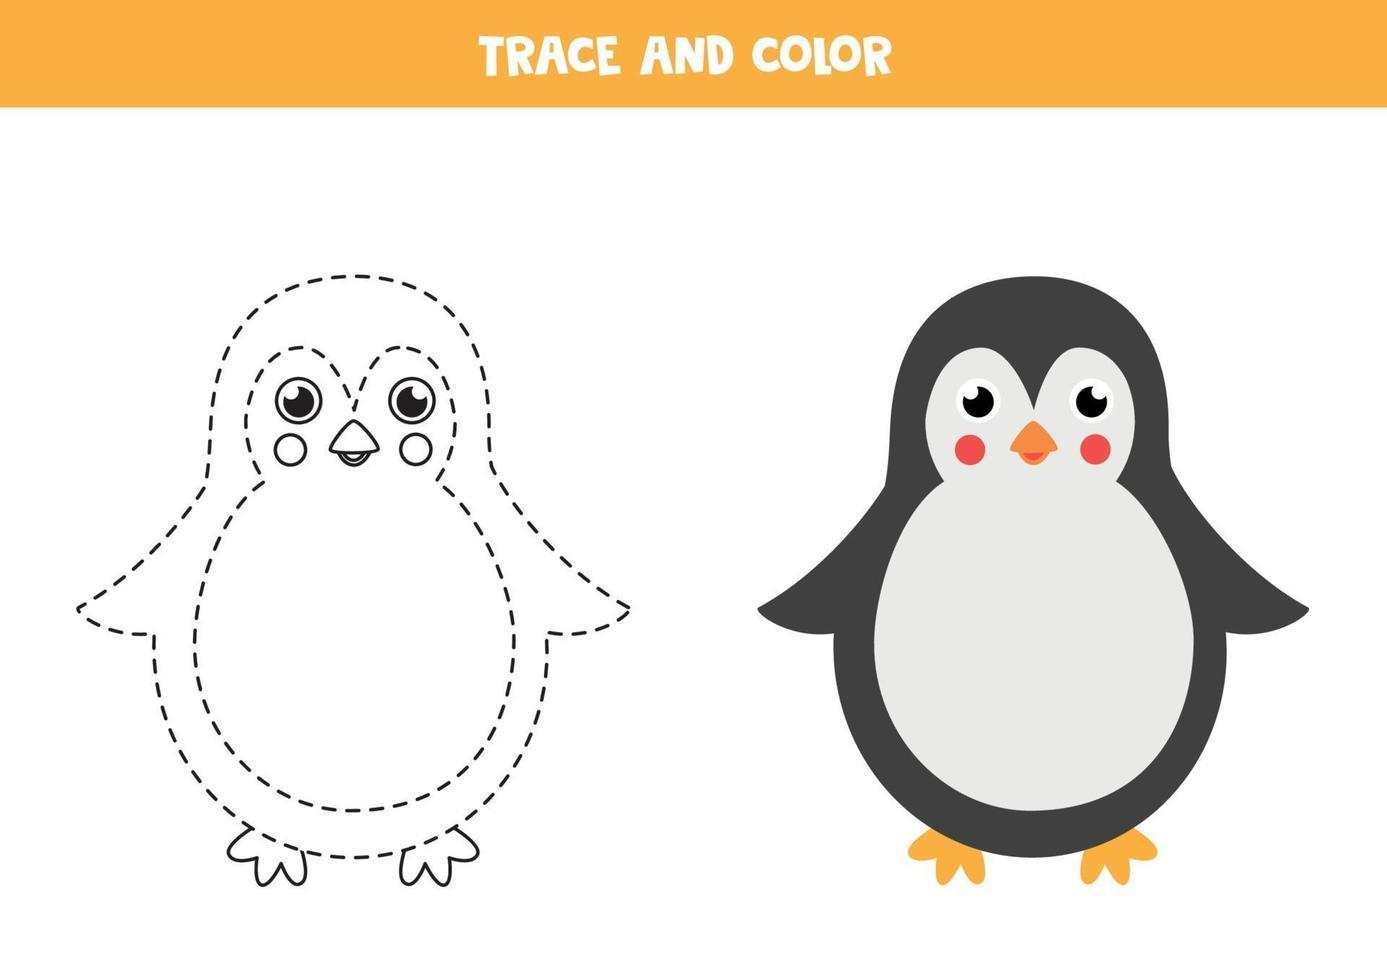 trazar y colorear lindo pingüino. hoja de trabajo para niños. vector